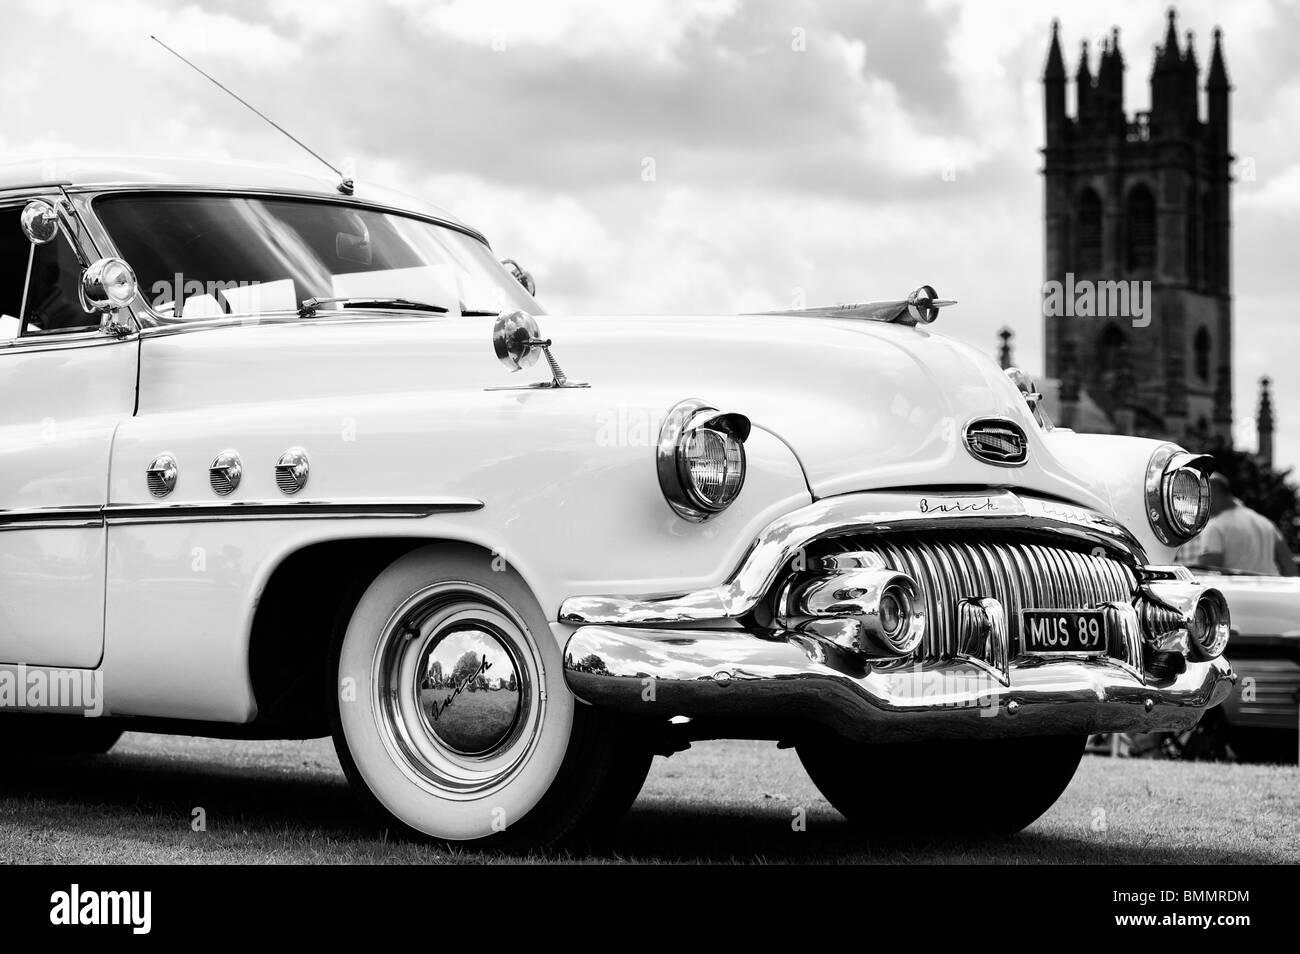 Buick otto front end, un classico americano auto, al Churchill vintage car show, Oxfordshire, Inghilterra. Monocromatico Immagini Stock